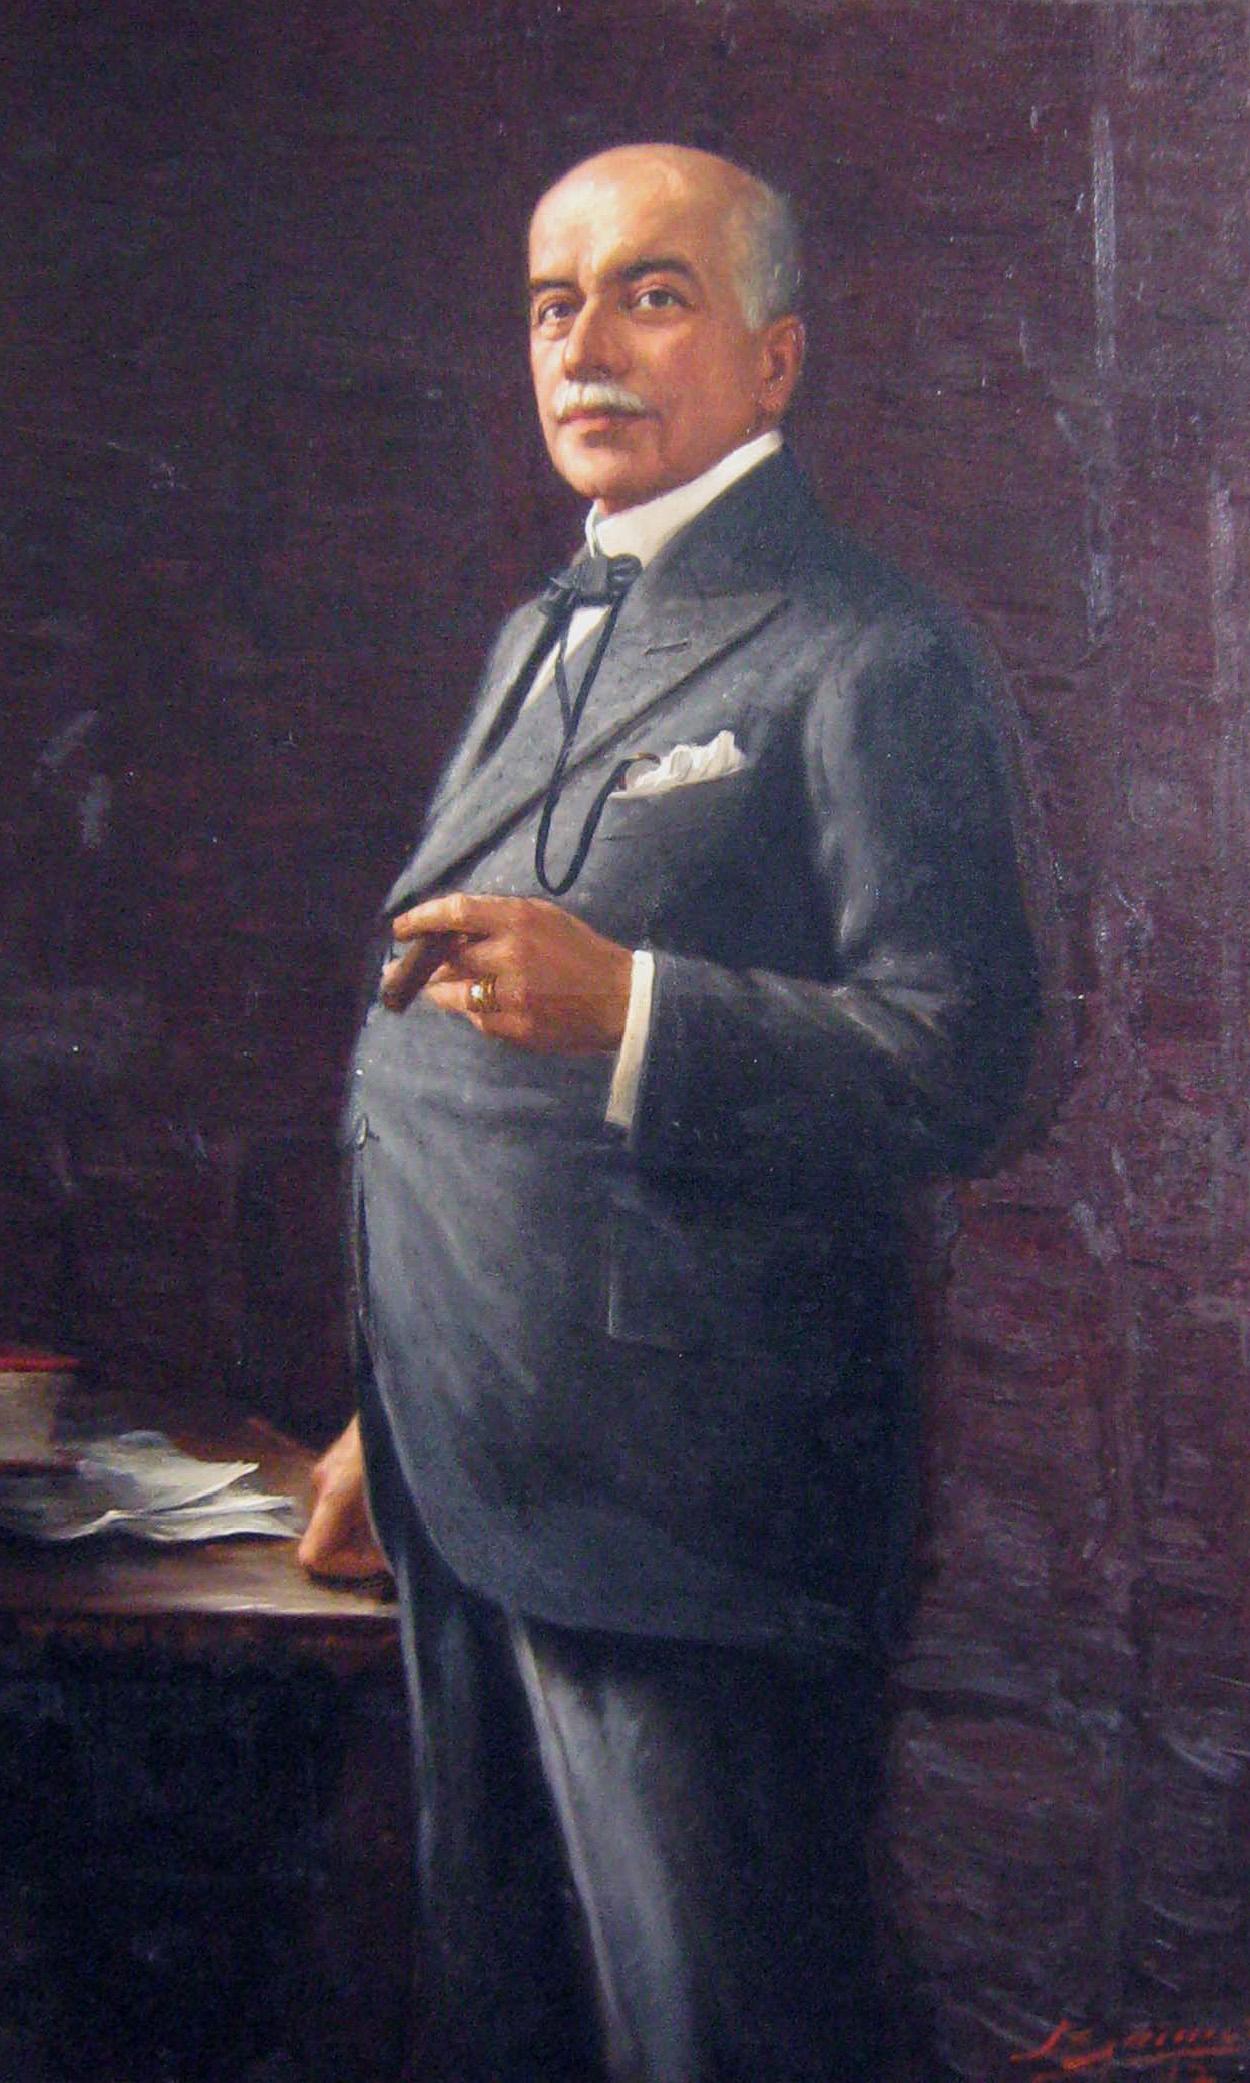 Pedro de Osma y Pardo